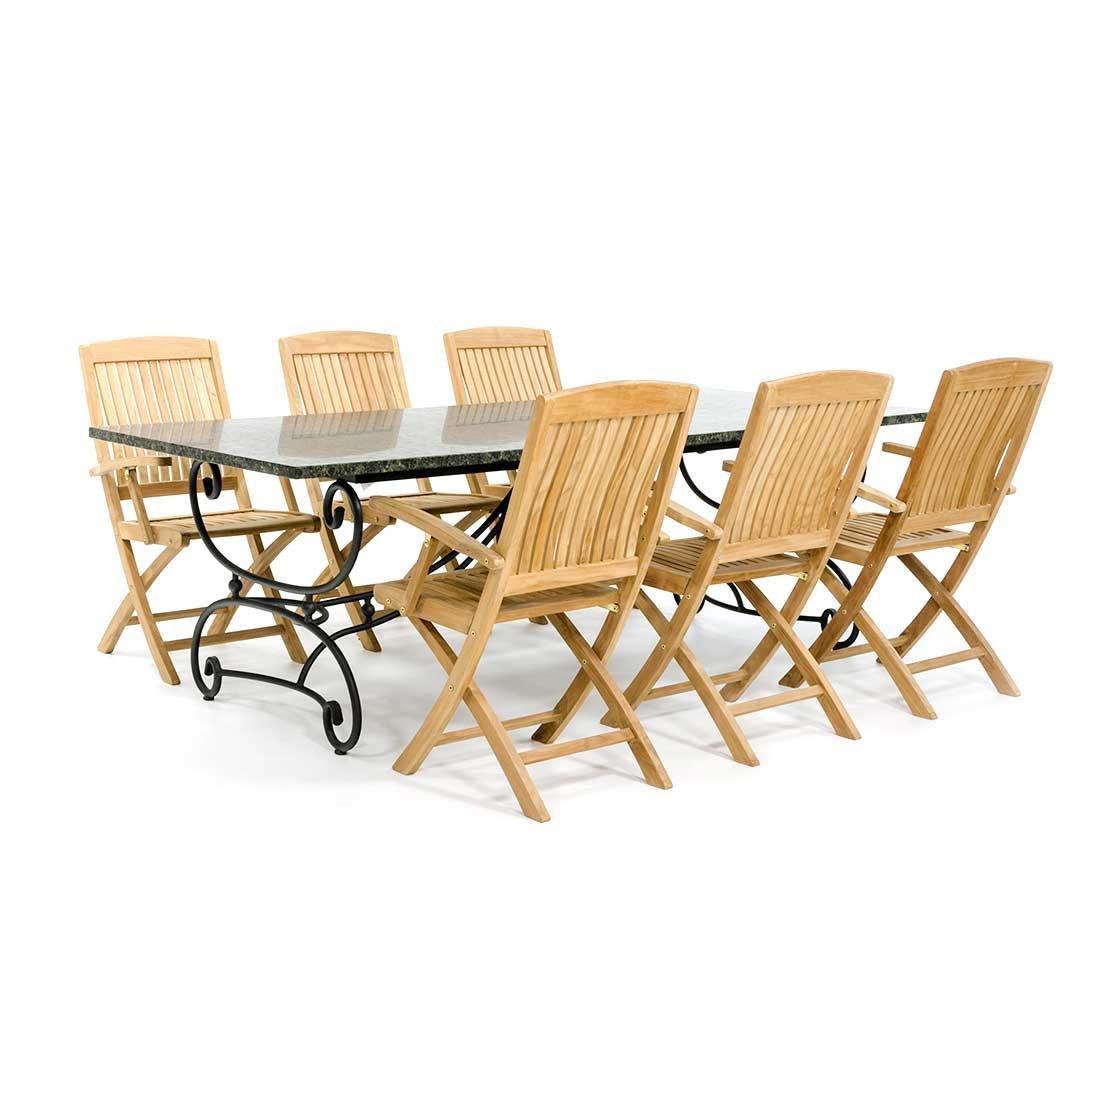 Klassieke tuintafel met houten stoelen